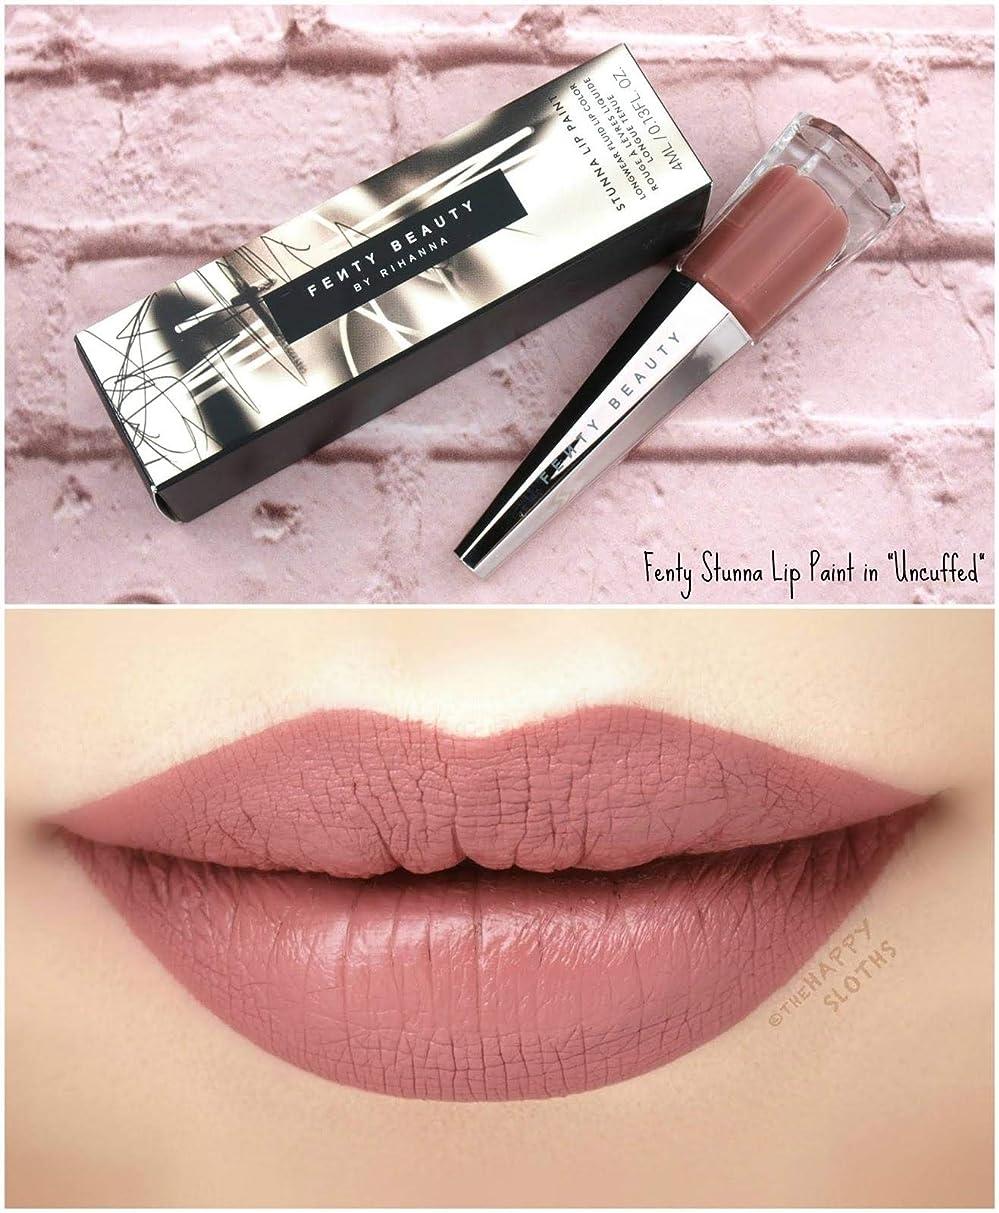 一緒誓う苦悩FENTY BEAUTY BY RIHANNA Stunna Lip Paint Longwear Fluid Lip Color リップ リアーナ フェンティビューティ (Uncuffed - rosy mauve)